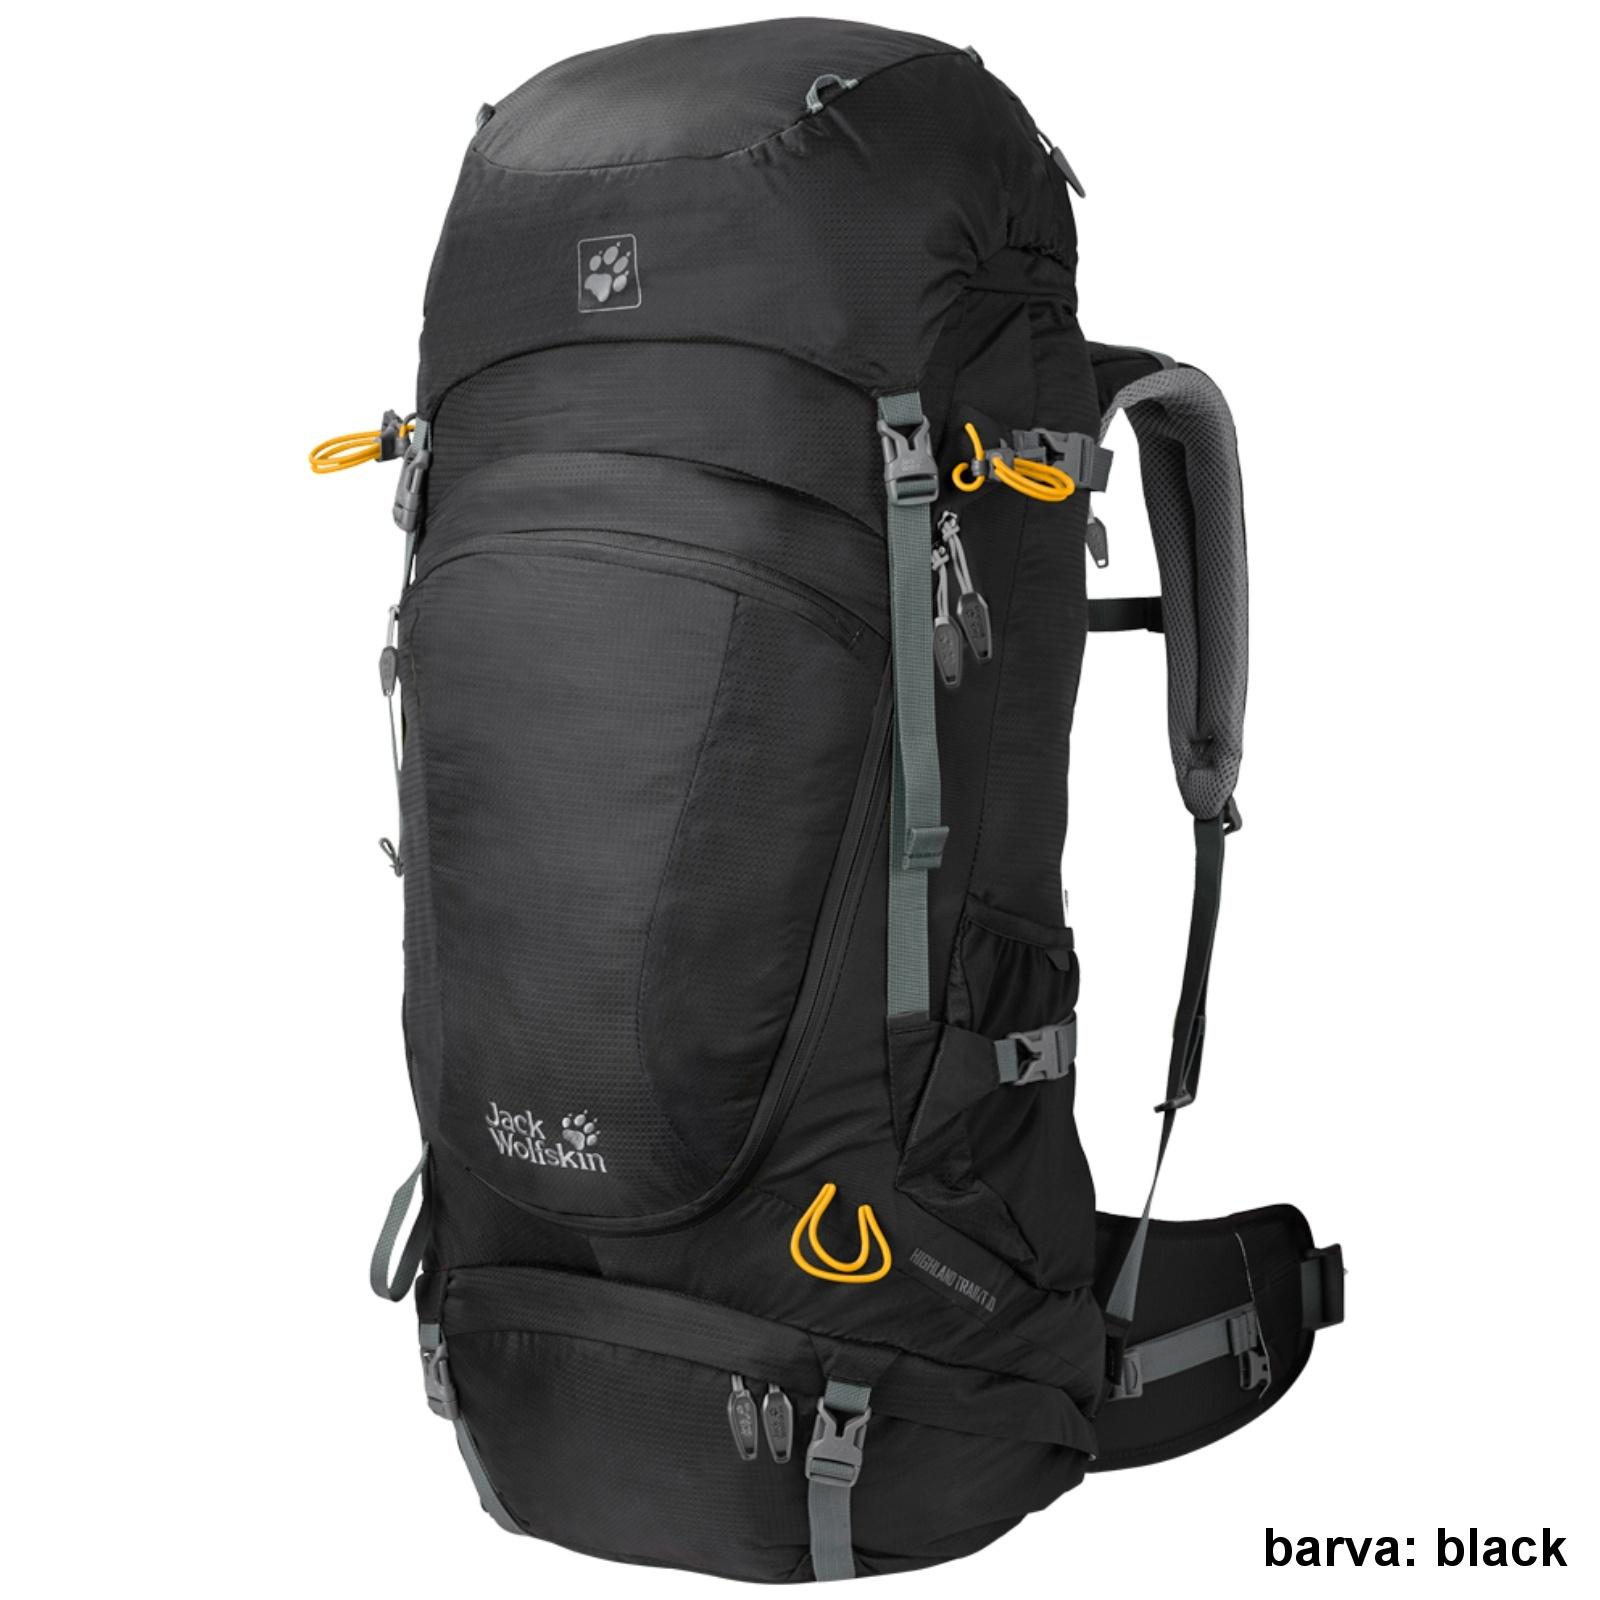 Batoh JACK WOLFSKIN Highland Trail XT 50 - černý